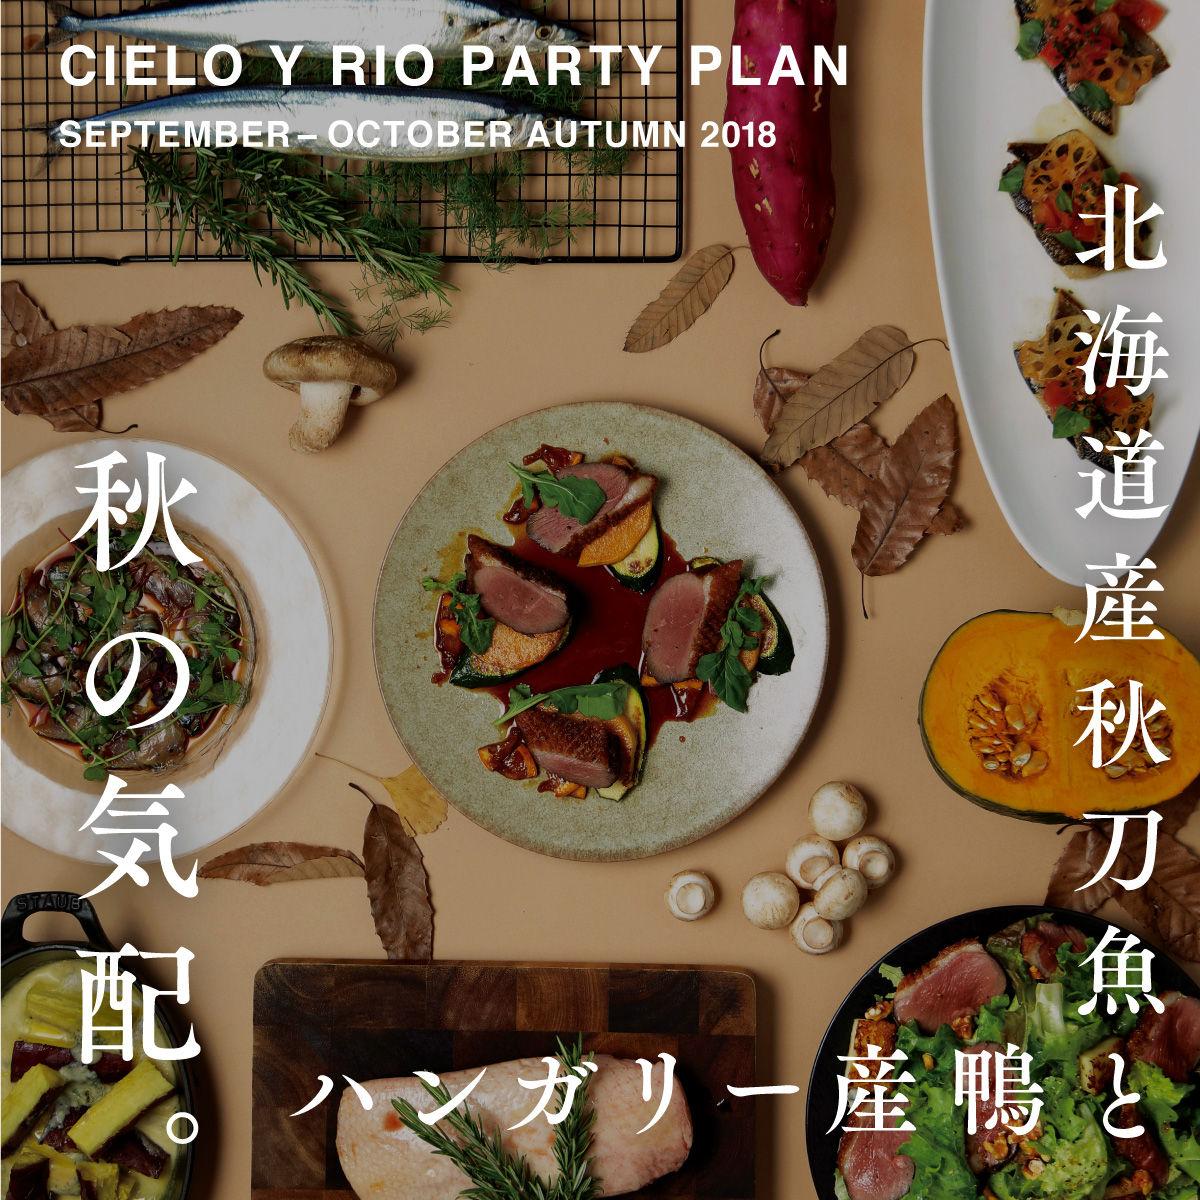 [9・10月限定]シエロ イ リオ秋のパーティープラン